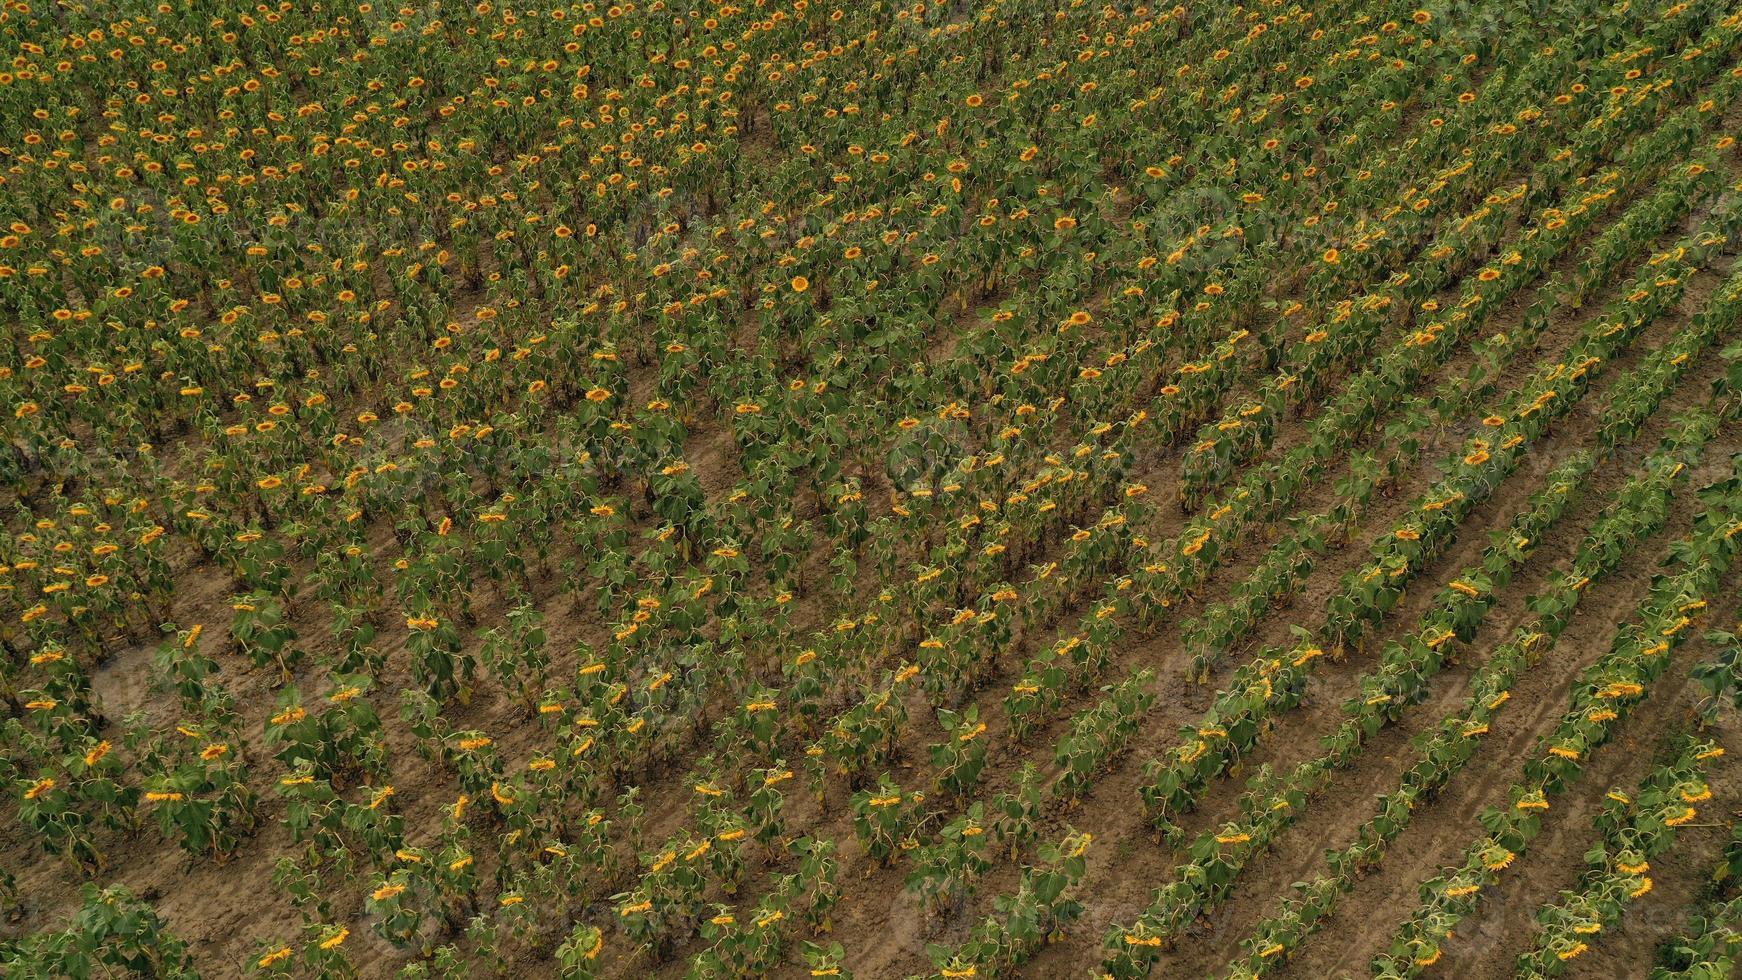 vue aérienne d'un grand champ de tournesols fleuri d'une belle couleur dorée. photo